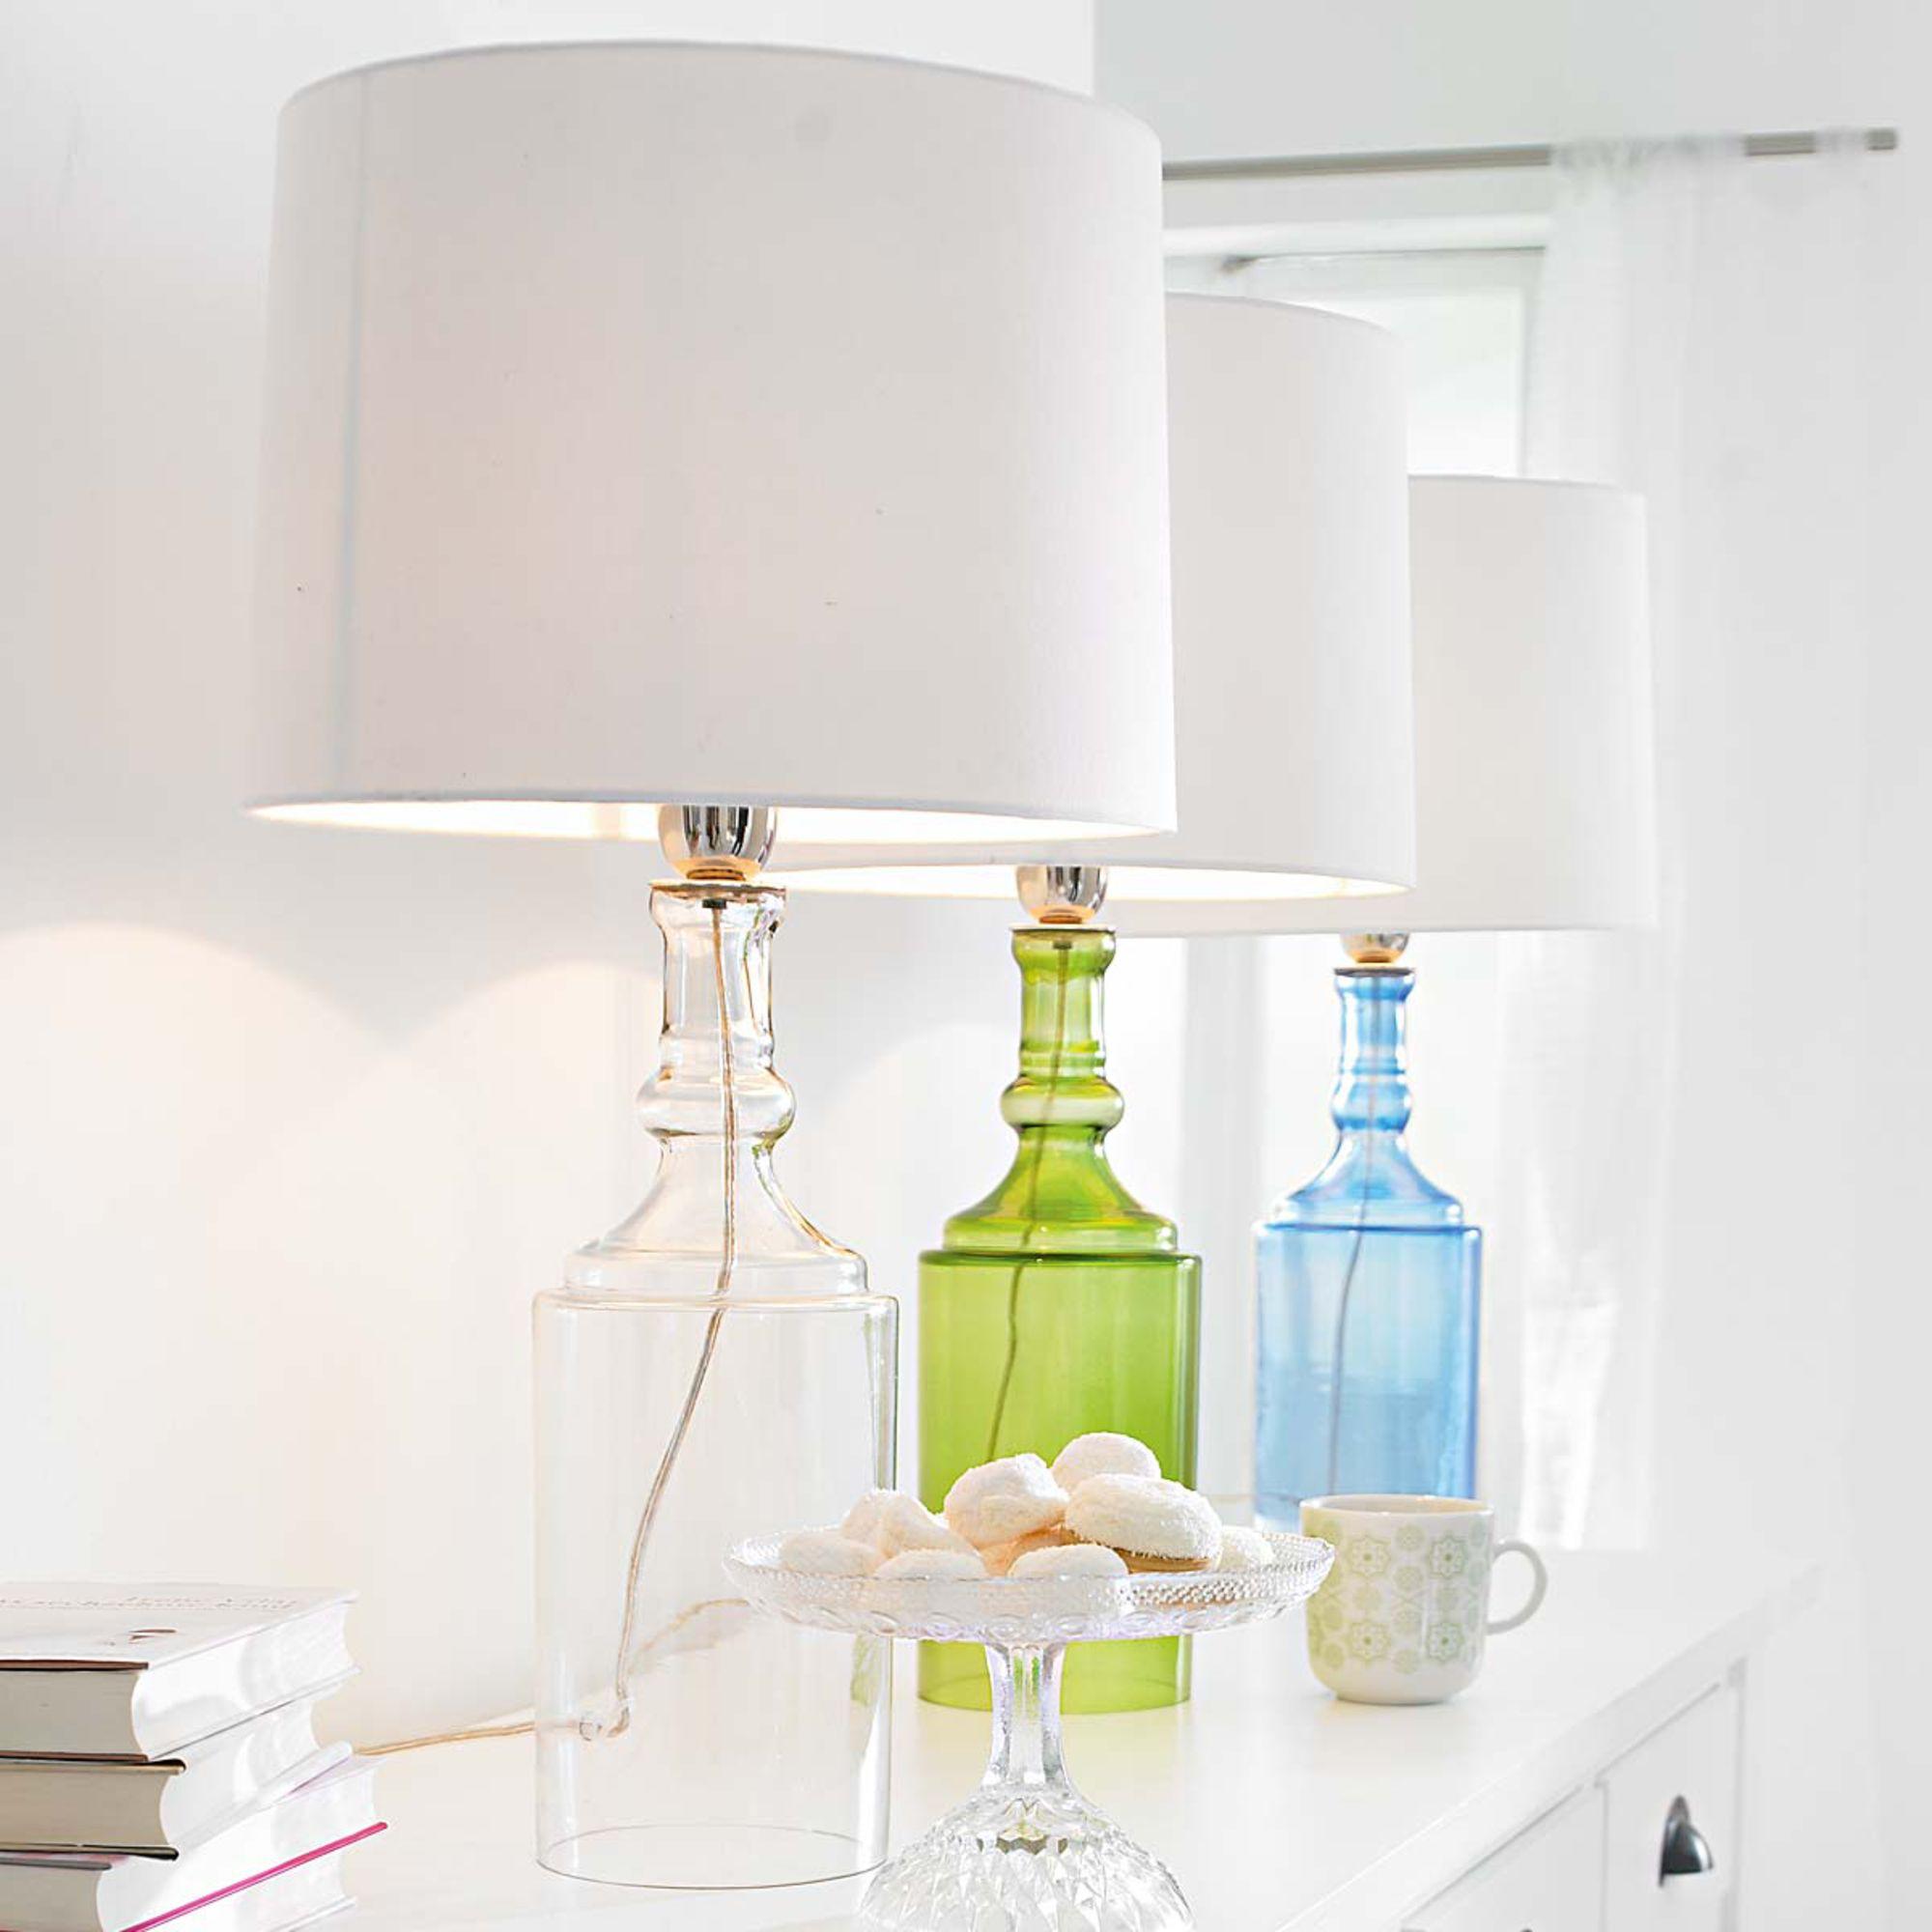 Impressionen De Flaschenlampe Lampe Aus Flaschen Diy Beleuchtung